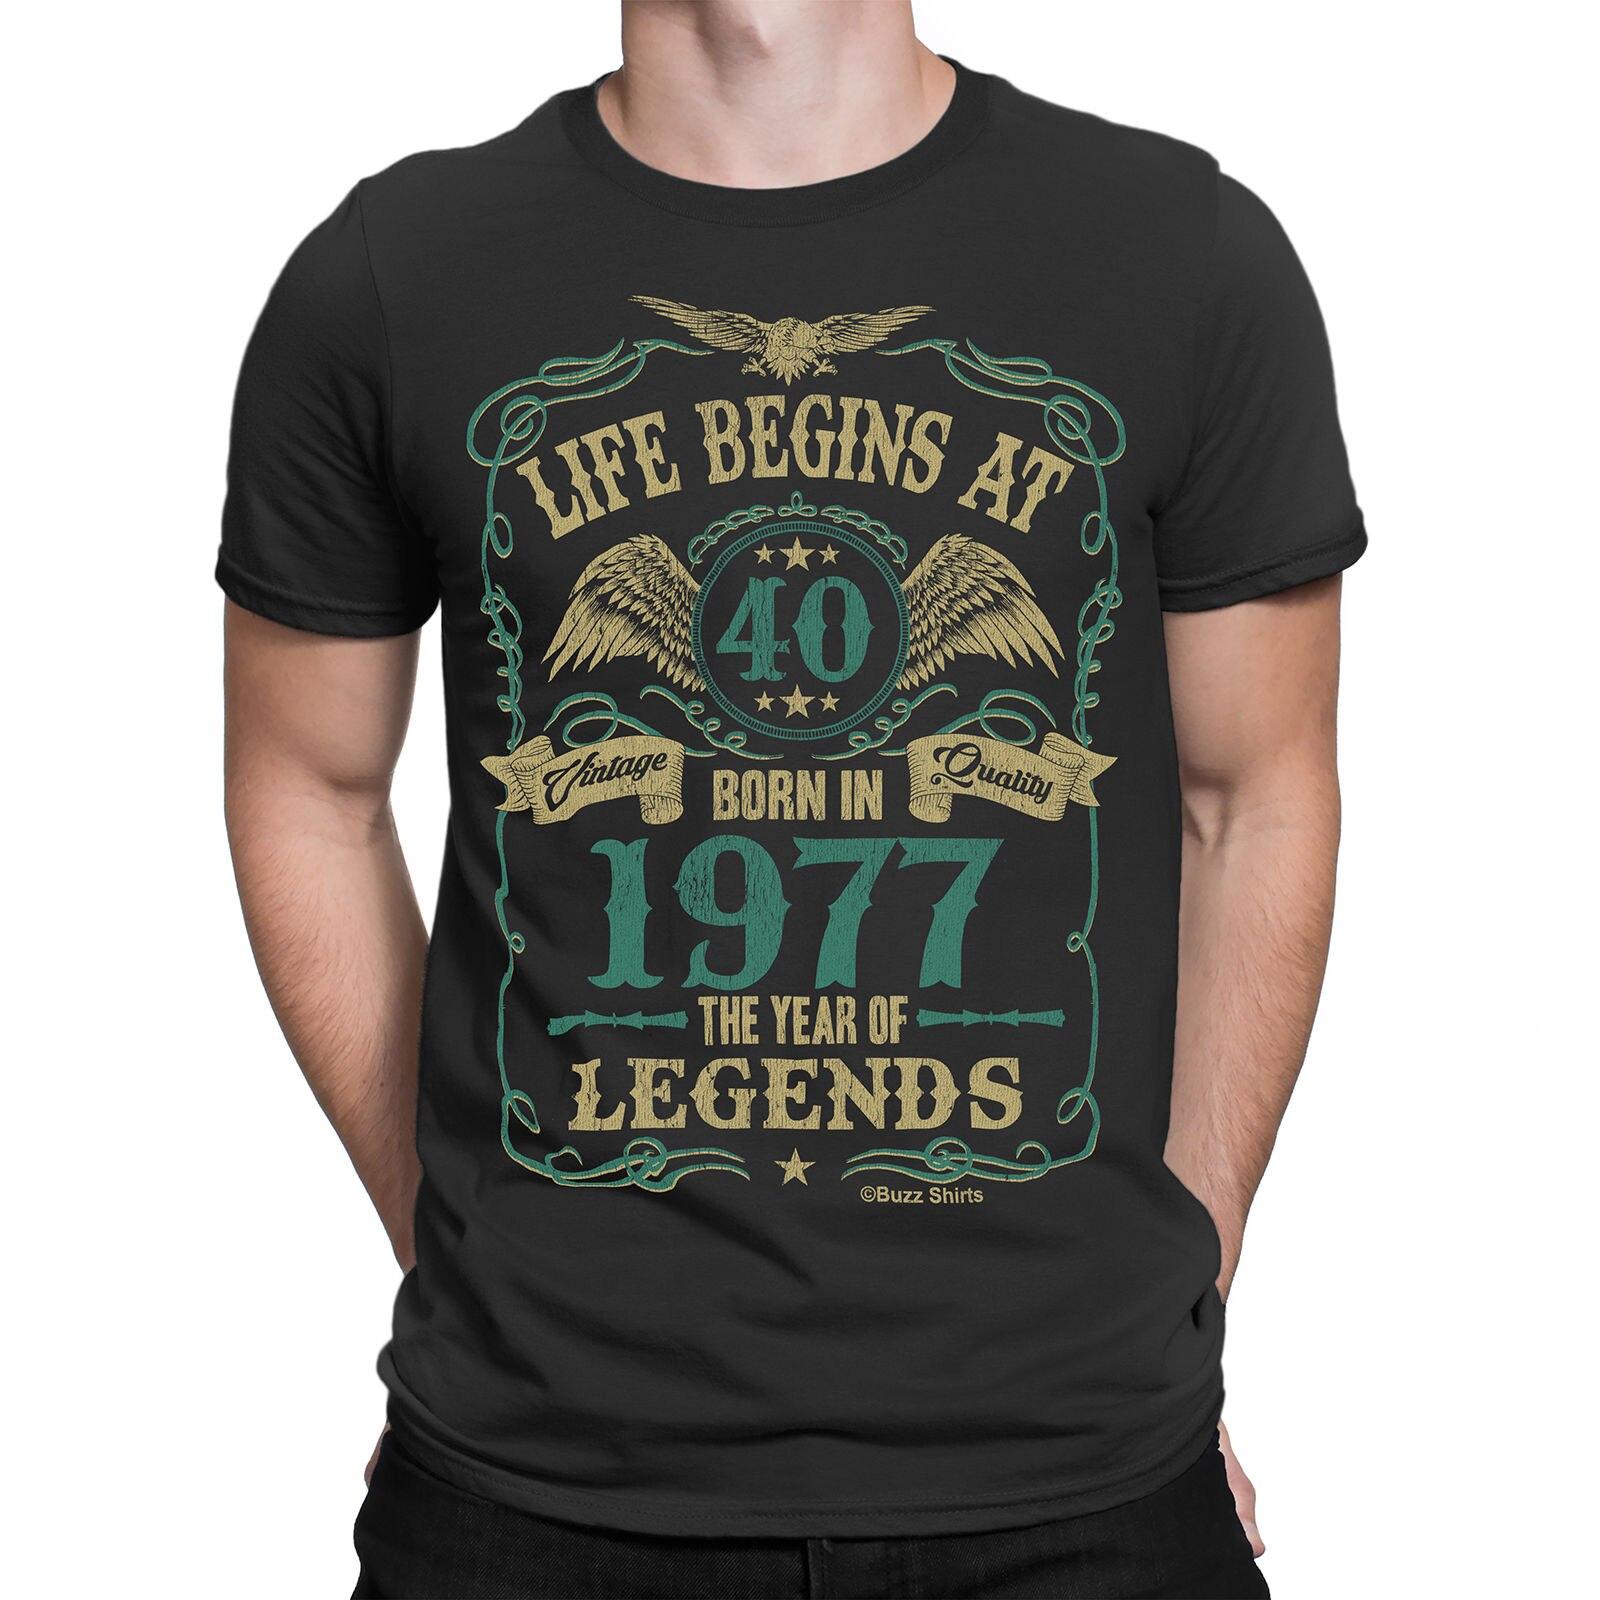 2019 moda estilo de verão vida começa em 40 homens camiseta nascido em 1977 ano de lendas 40th aniversário 2017 camiseta